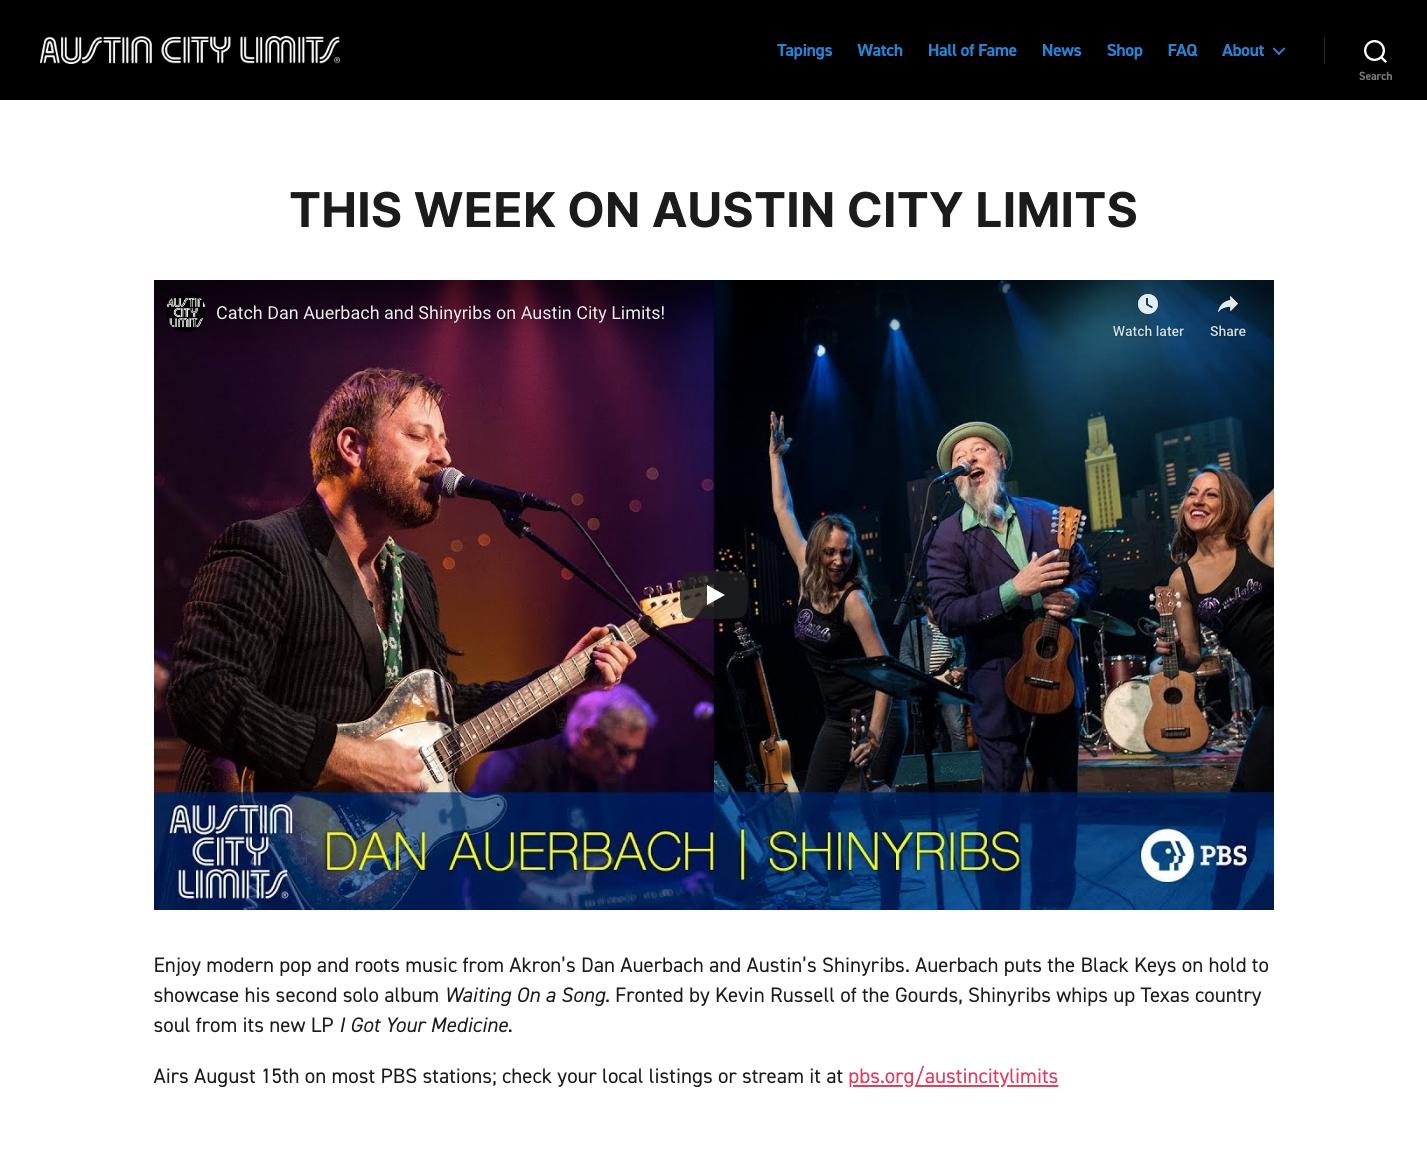 acltv.com